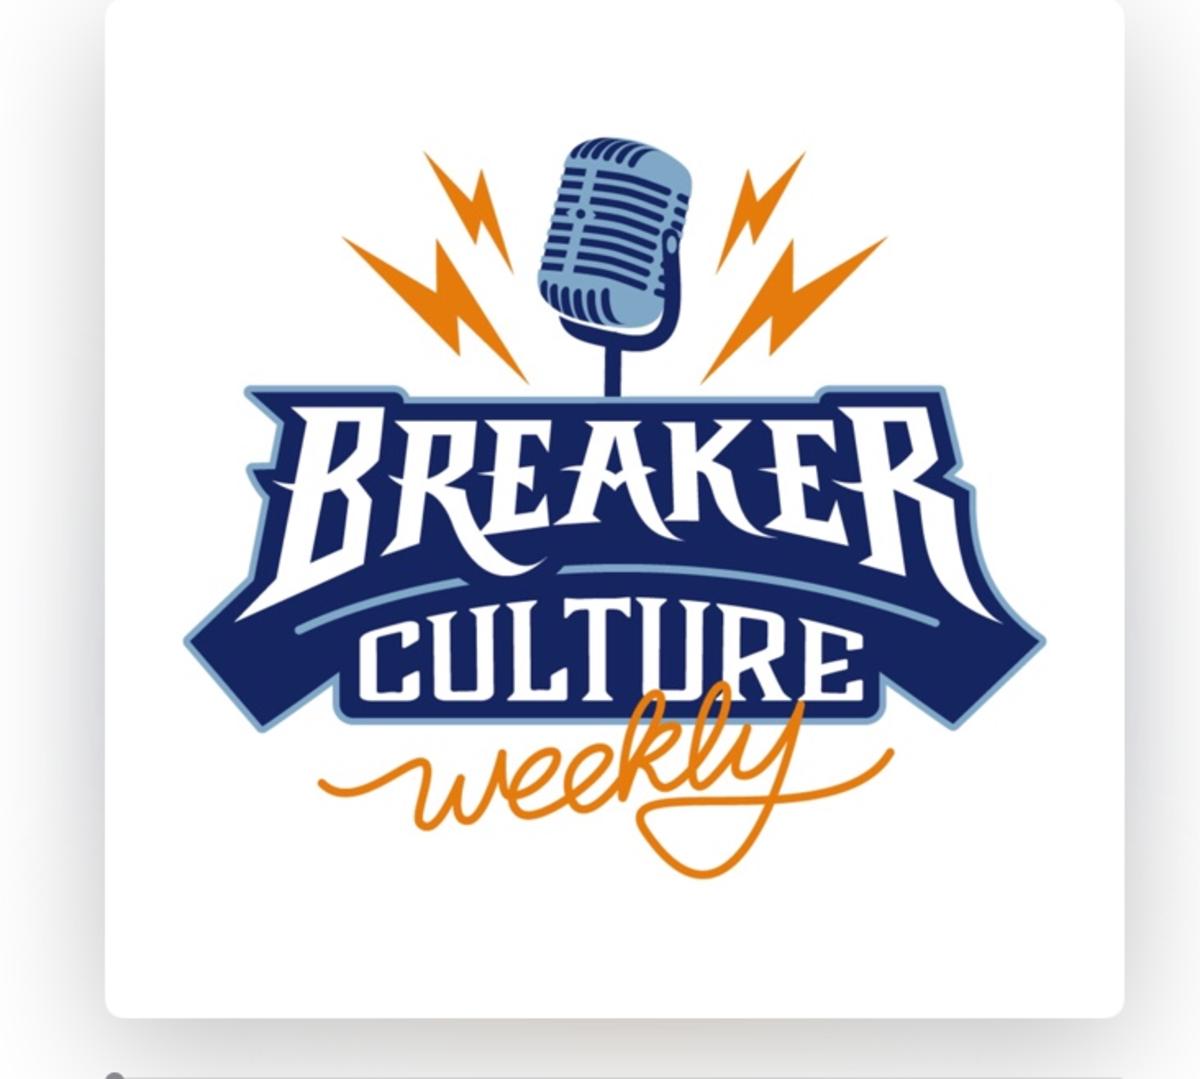 Breaker Culture Weekly Logo